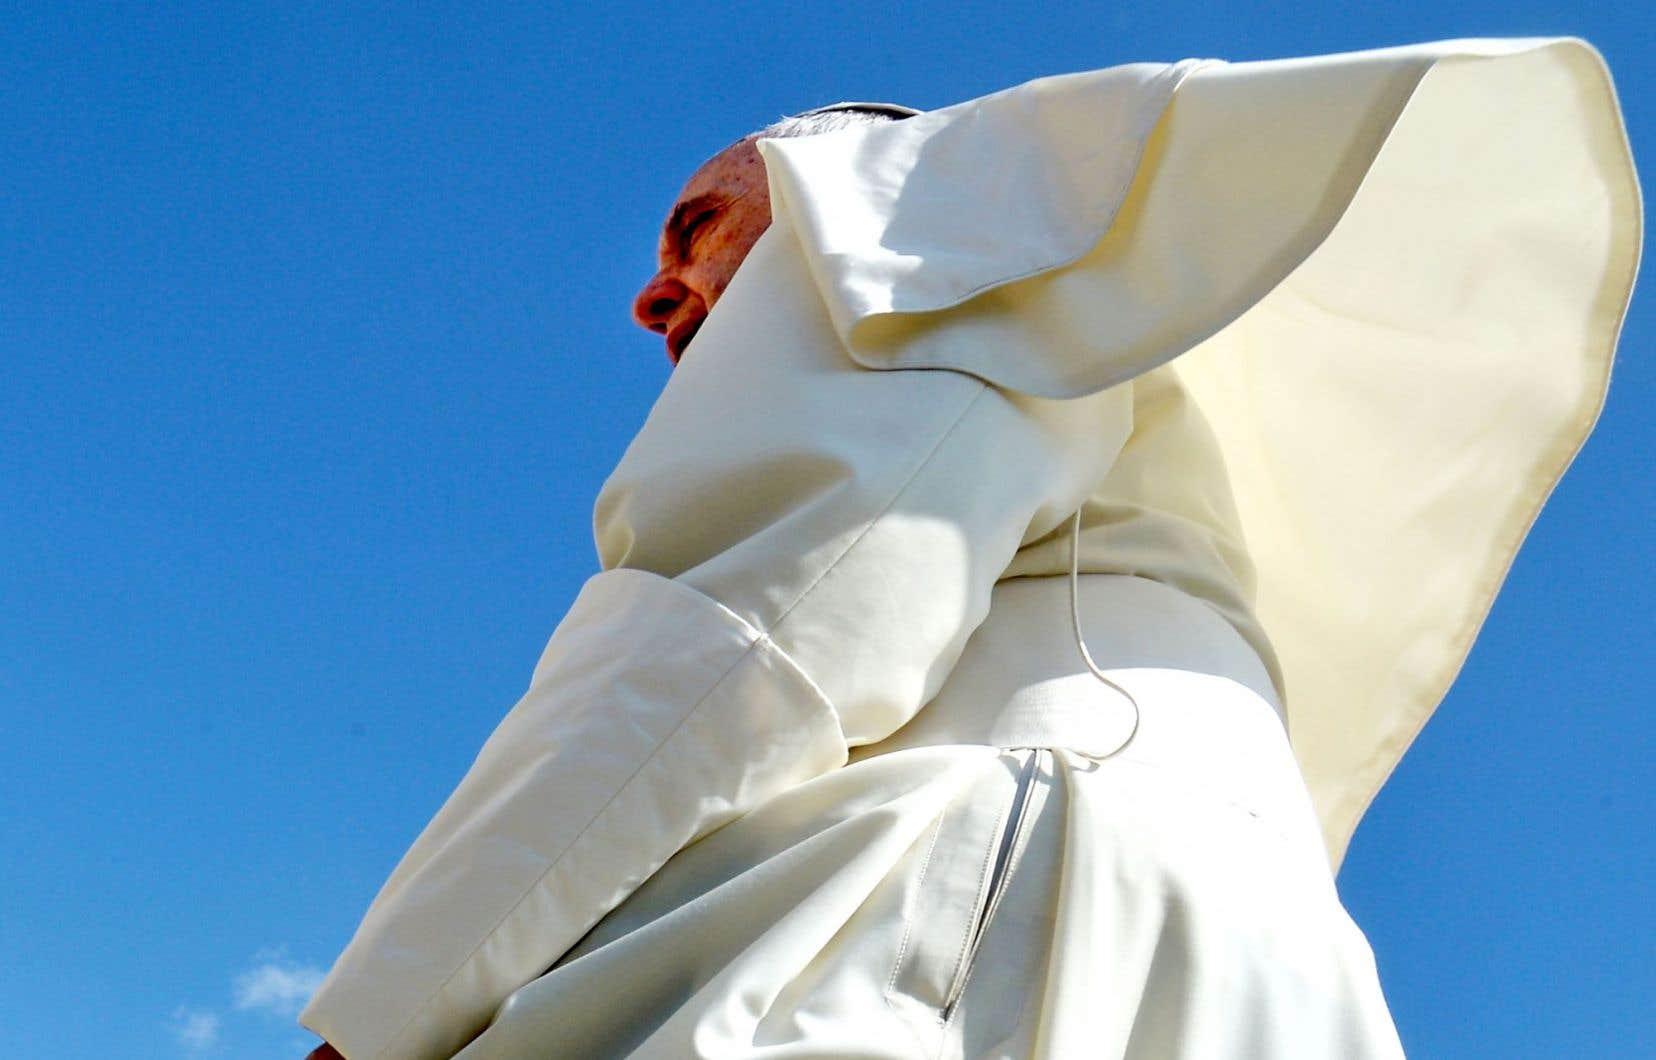 Dans son encyclique intitulée «Laudato si», le pape François a opté pour un ton très concret et très politique que lui a notamment reproché la droite américaine.